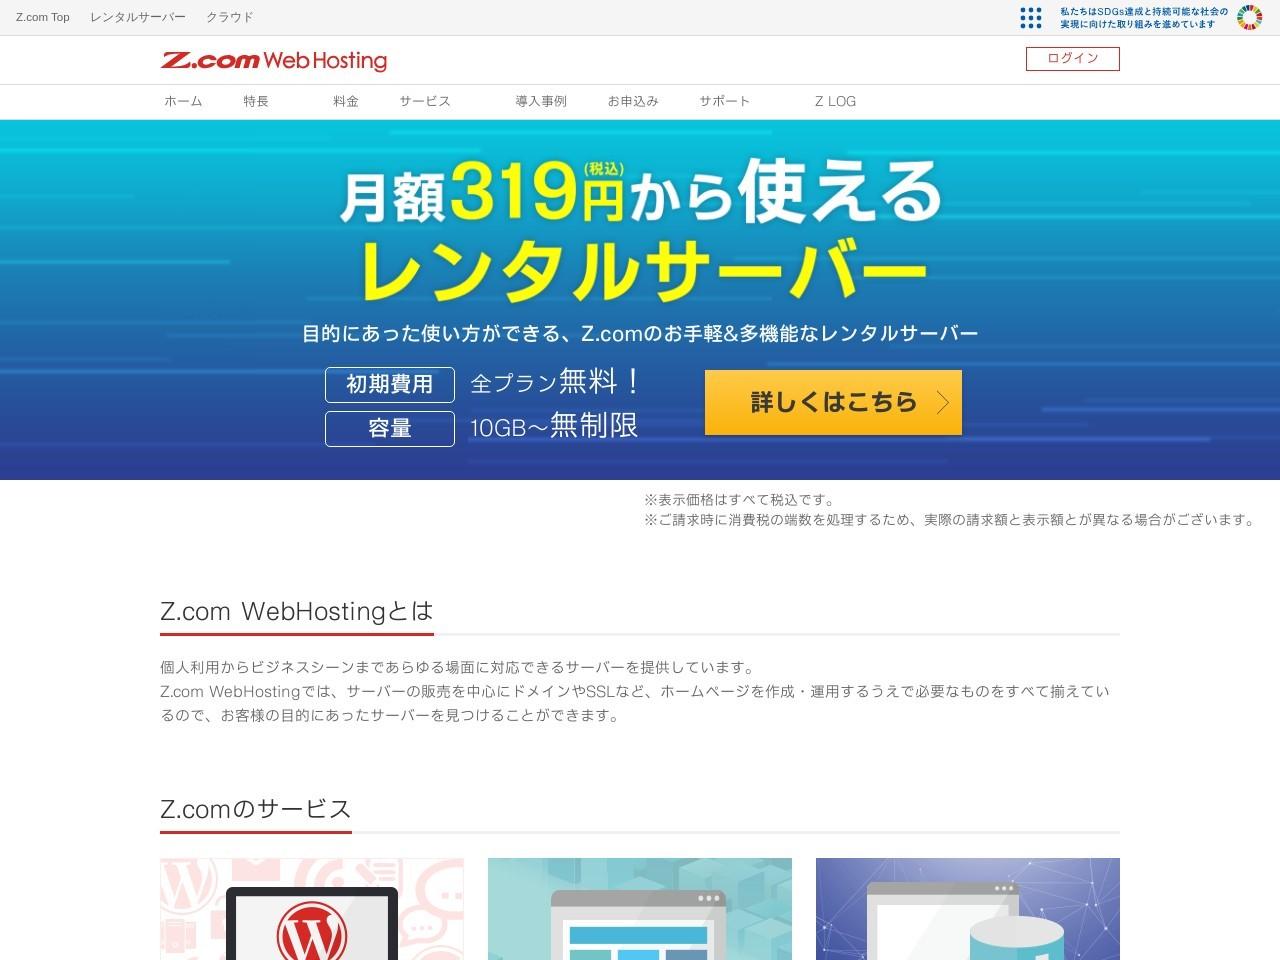 美しいホームページを作るなら Z.com